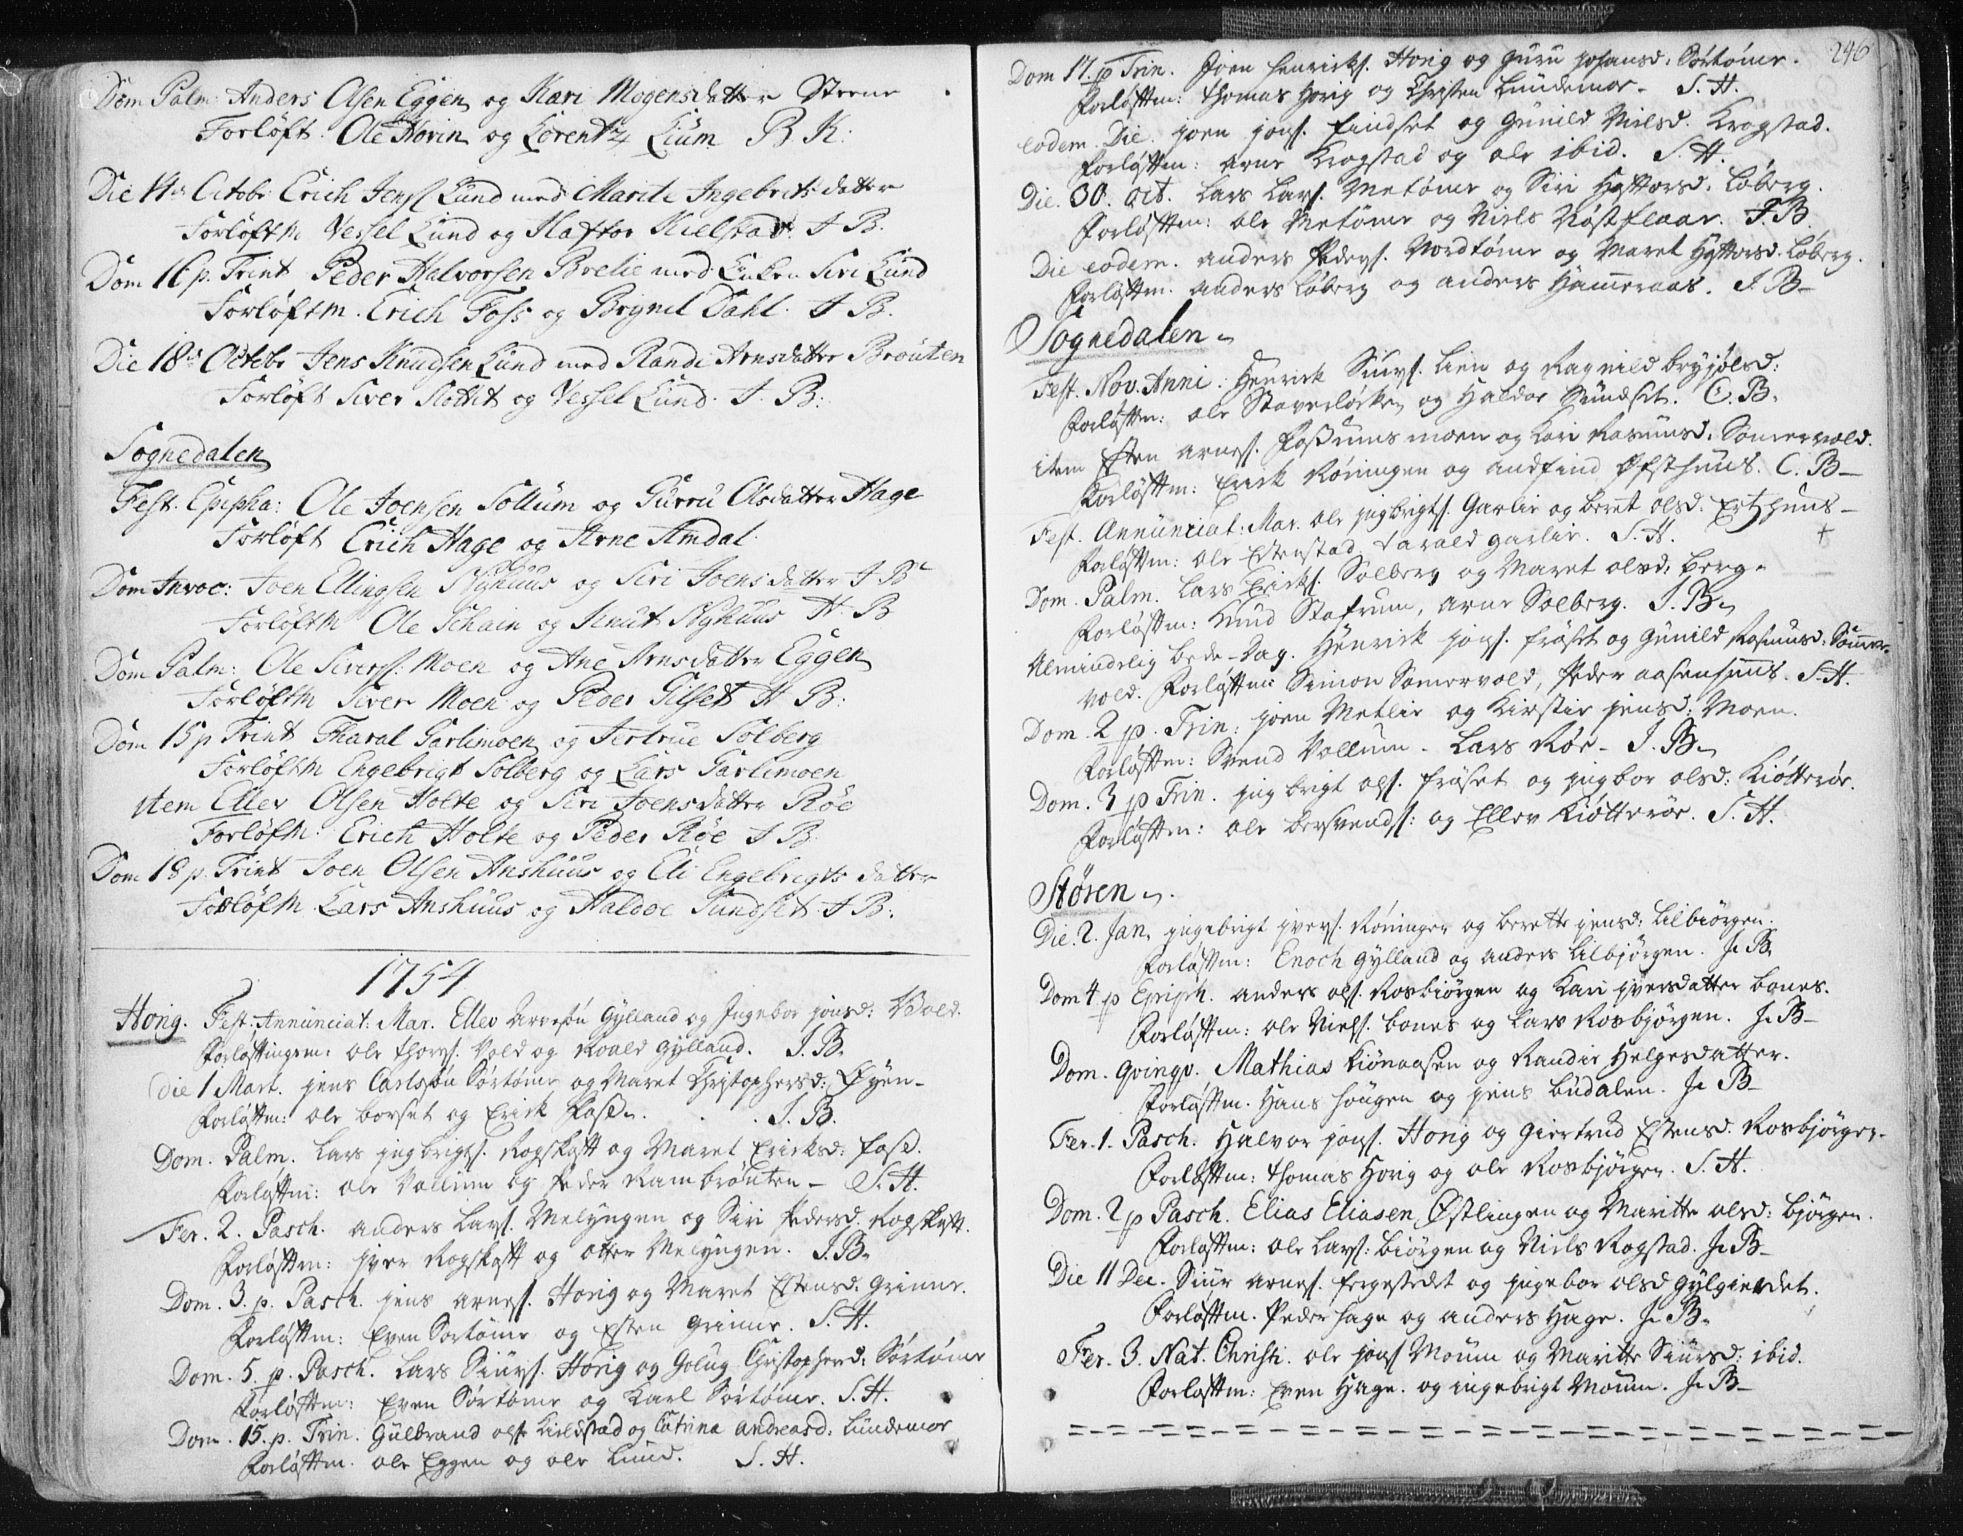 SAT, Ministerialprotokoller, klokkerbøker og fødselsregistre - Sør-Trøndelag, 687/L0991: Ministerialbok nr. 687A02, 1747-1790, s. 246